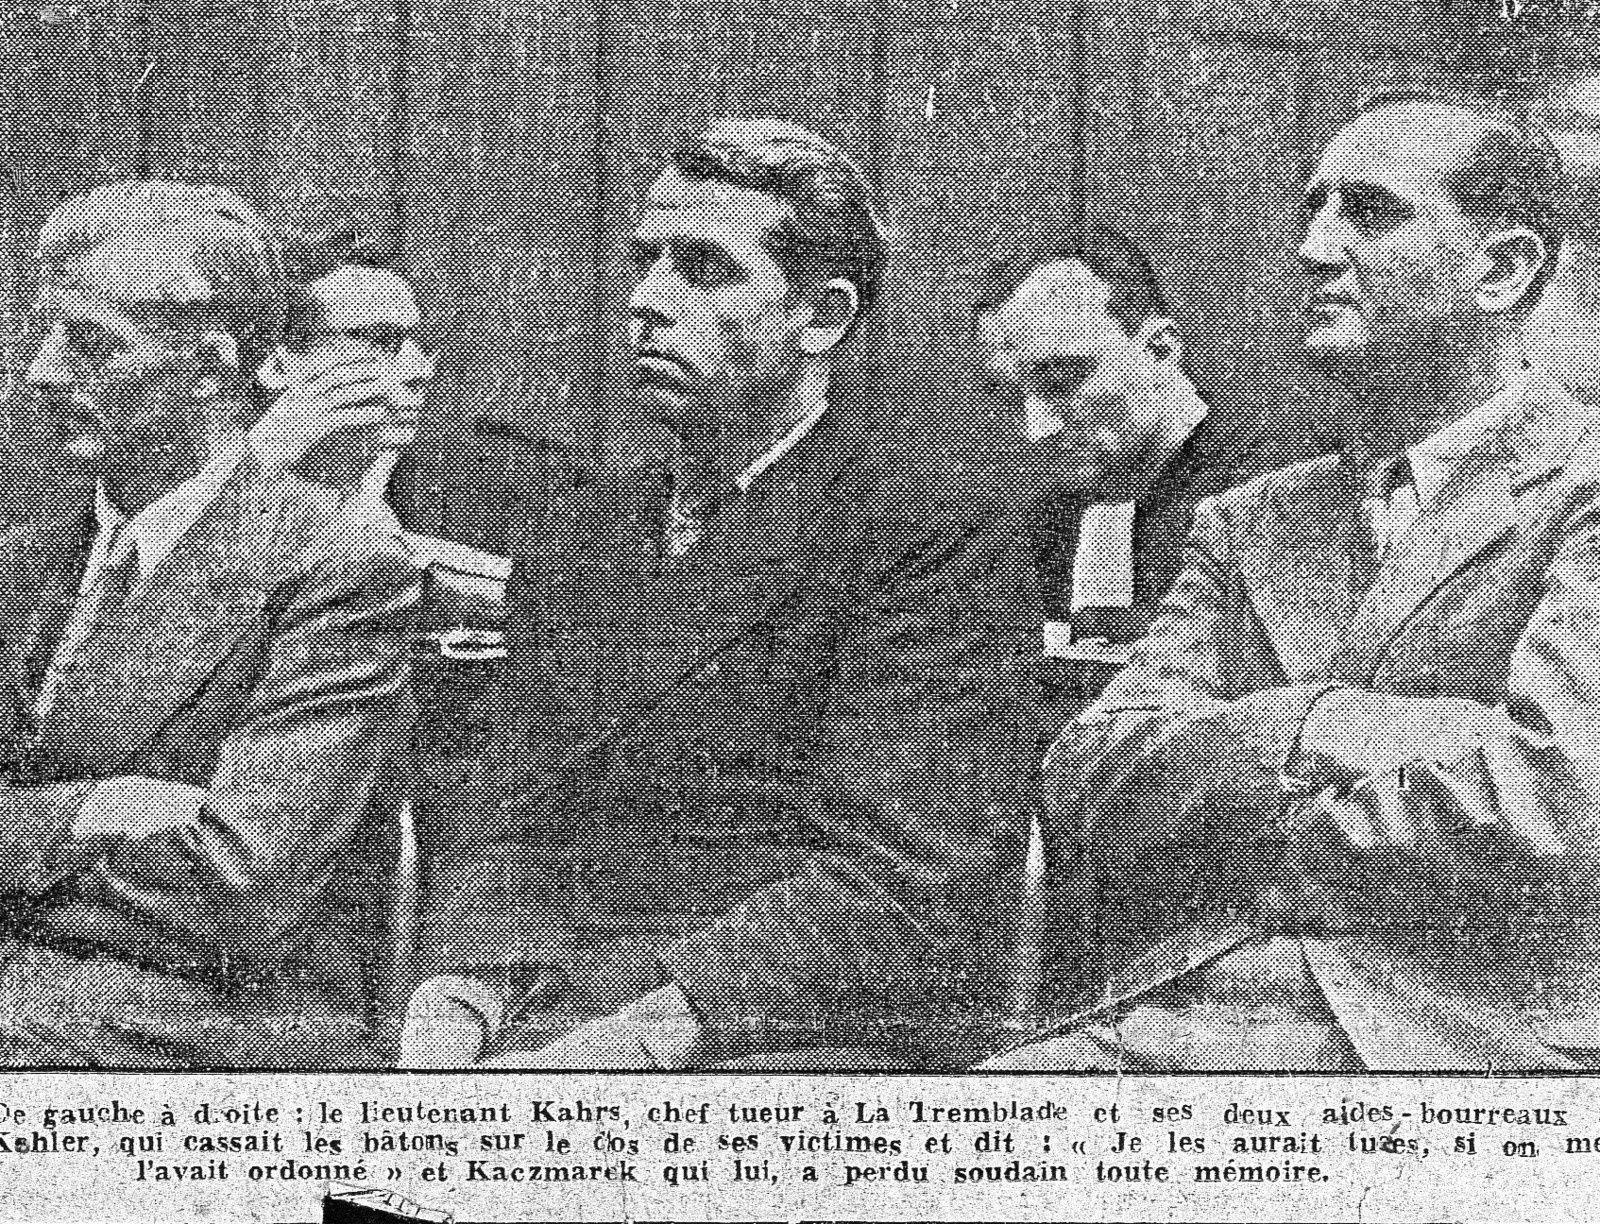 Les trois tortionnaires comparaissent devant le tribunal militaire de Bordeaux du 5 au 7juillet 1950